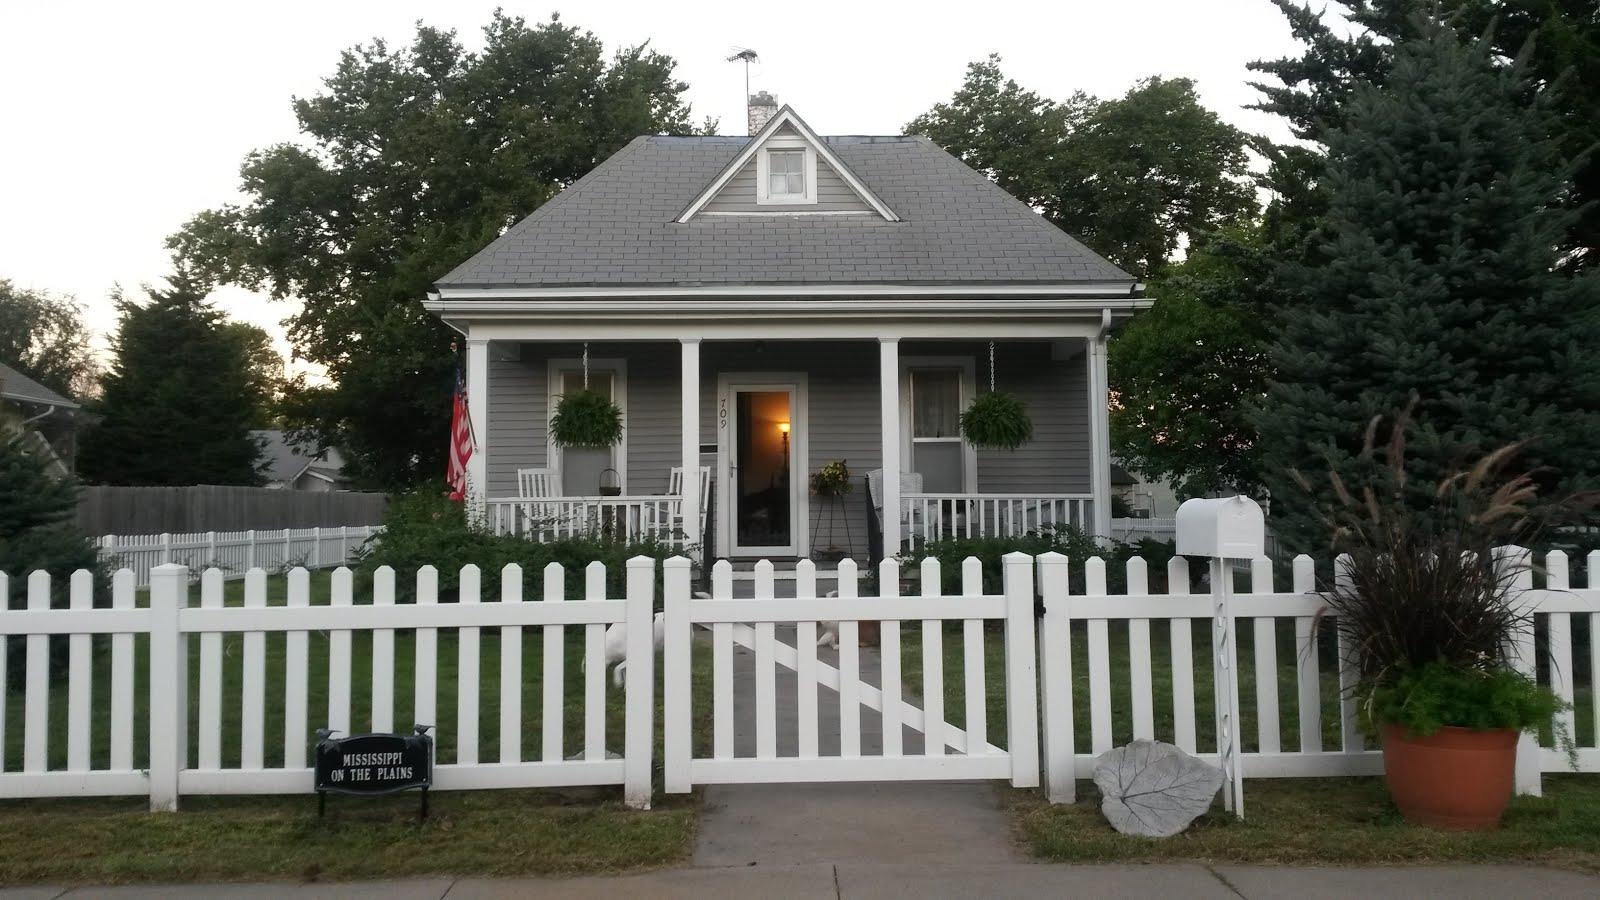 My Nebraska House